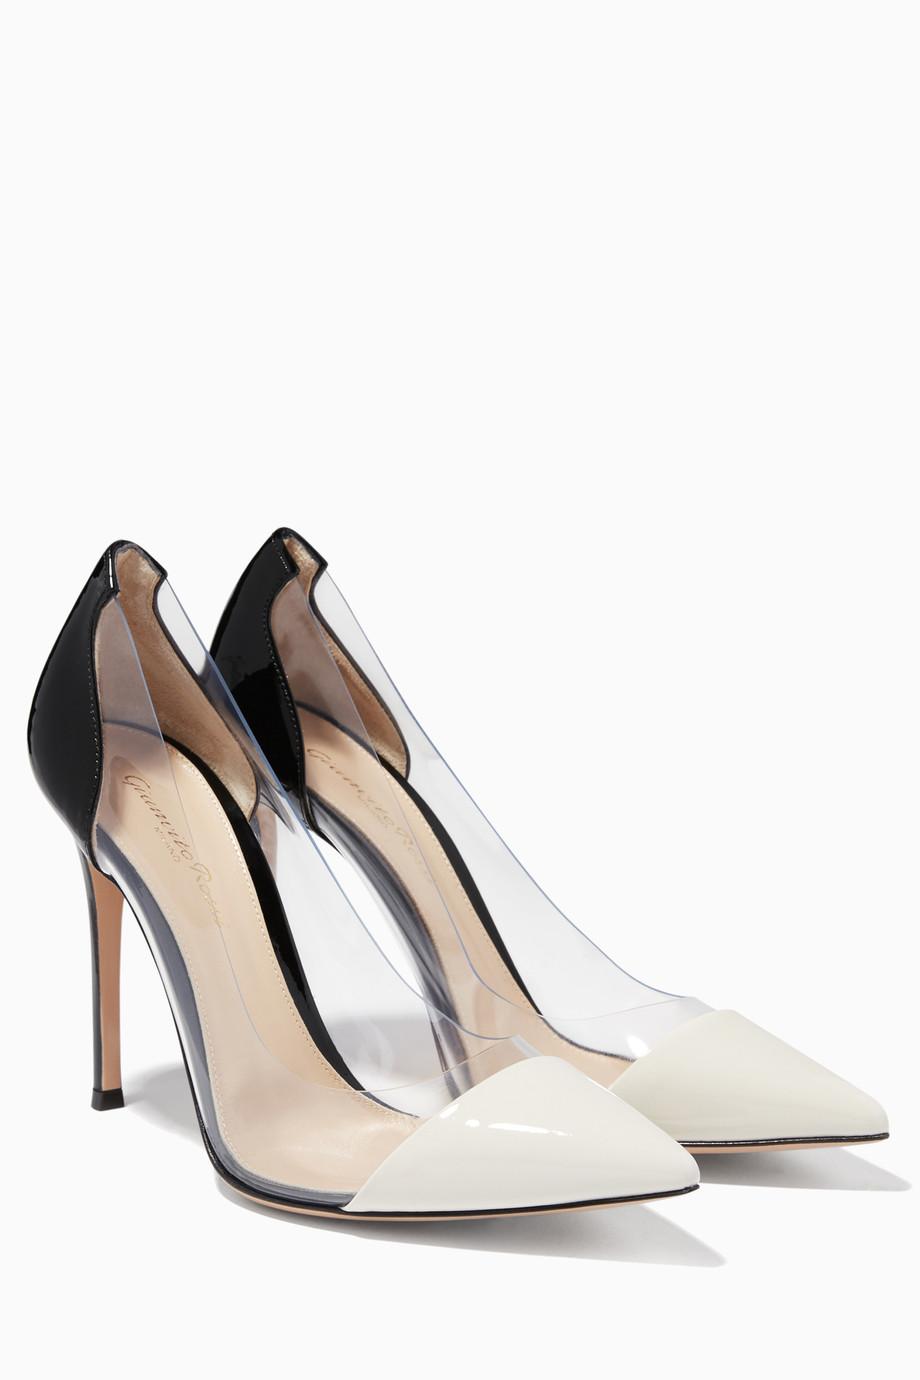 5c5a49e4d تسوق حذاء بلكسي خفيف أحادي اللون لامع جيانفيتو روسي ابيض للنساء ...